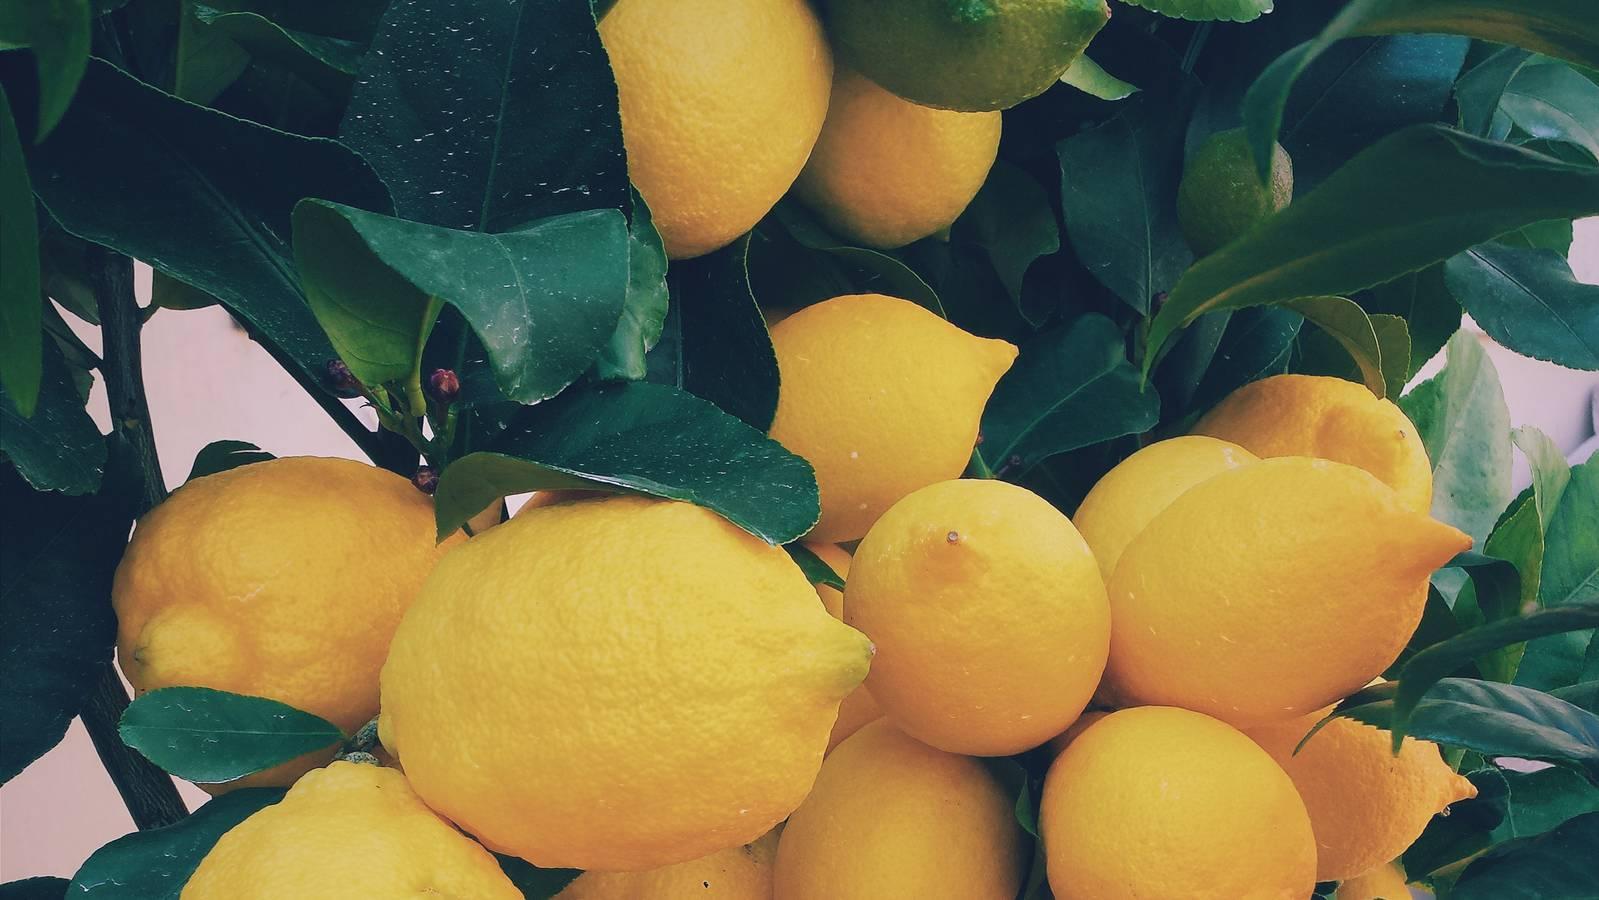 Zitrusfrüchte sind die bekanntesten Vitamin-C-Lieferanten. Wer also z.B. Broccoli mit Zitronen geniesst, ist schon sehr gut versorgt. (© Unsplash)